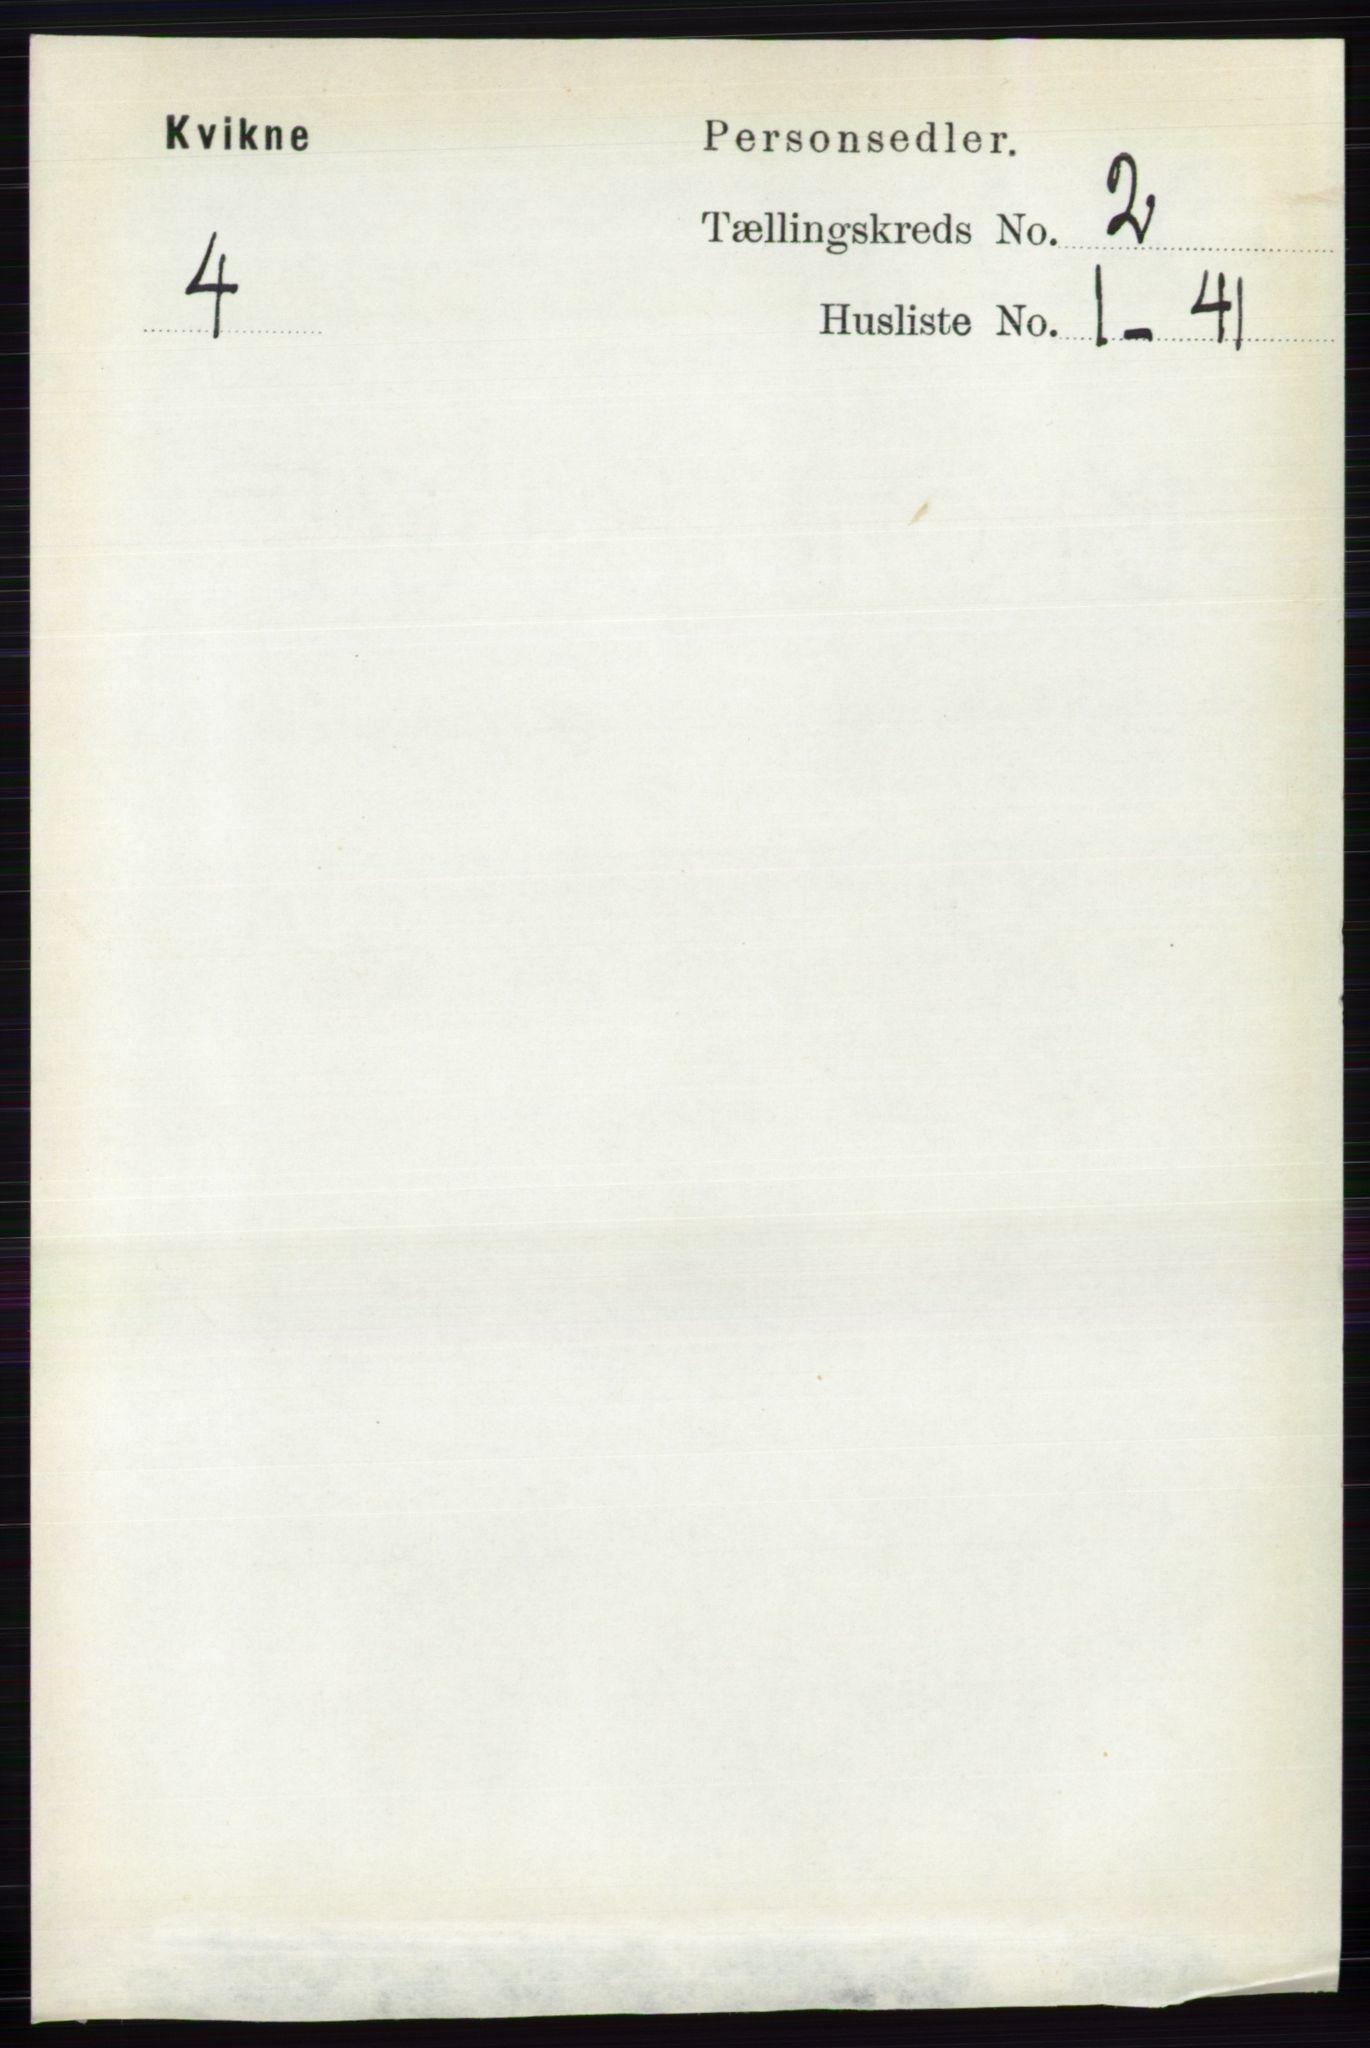 RA, Folketelling 1891 for 0440 Kvikne herred, 1891, s. 298